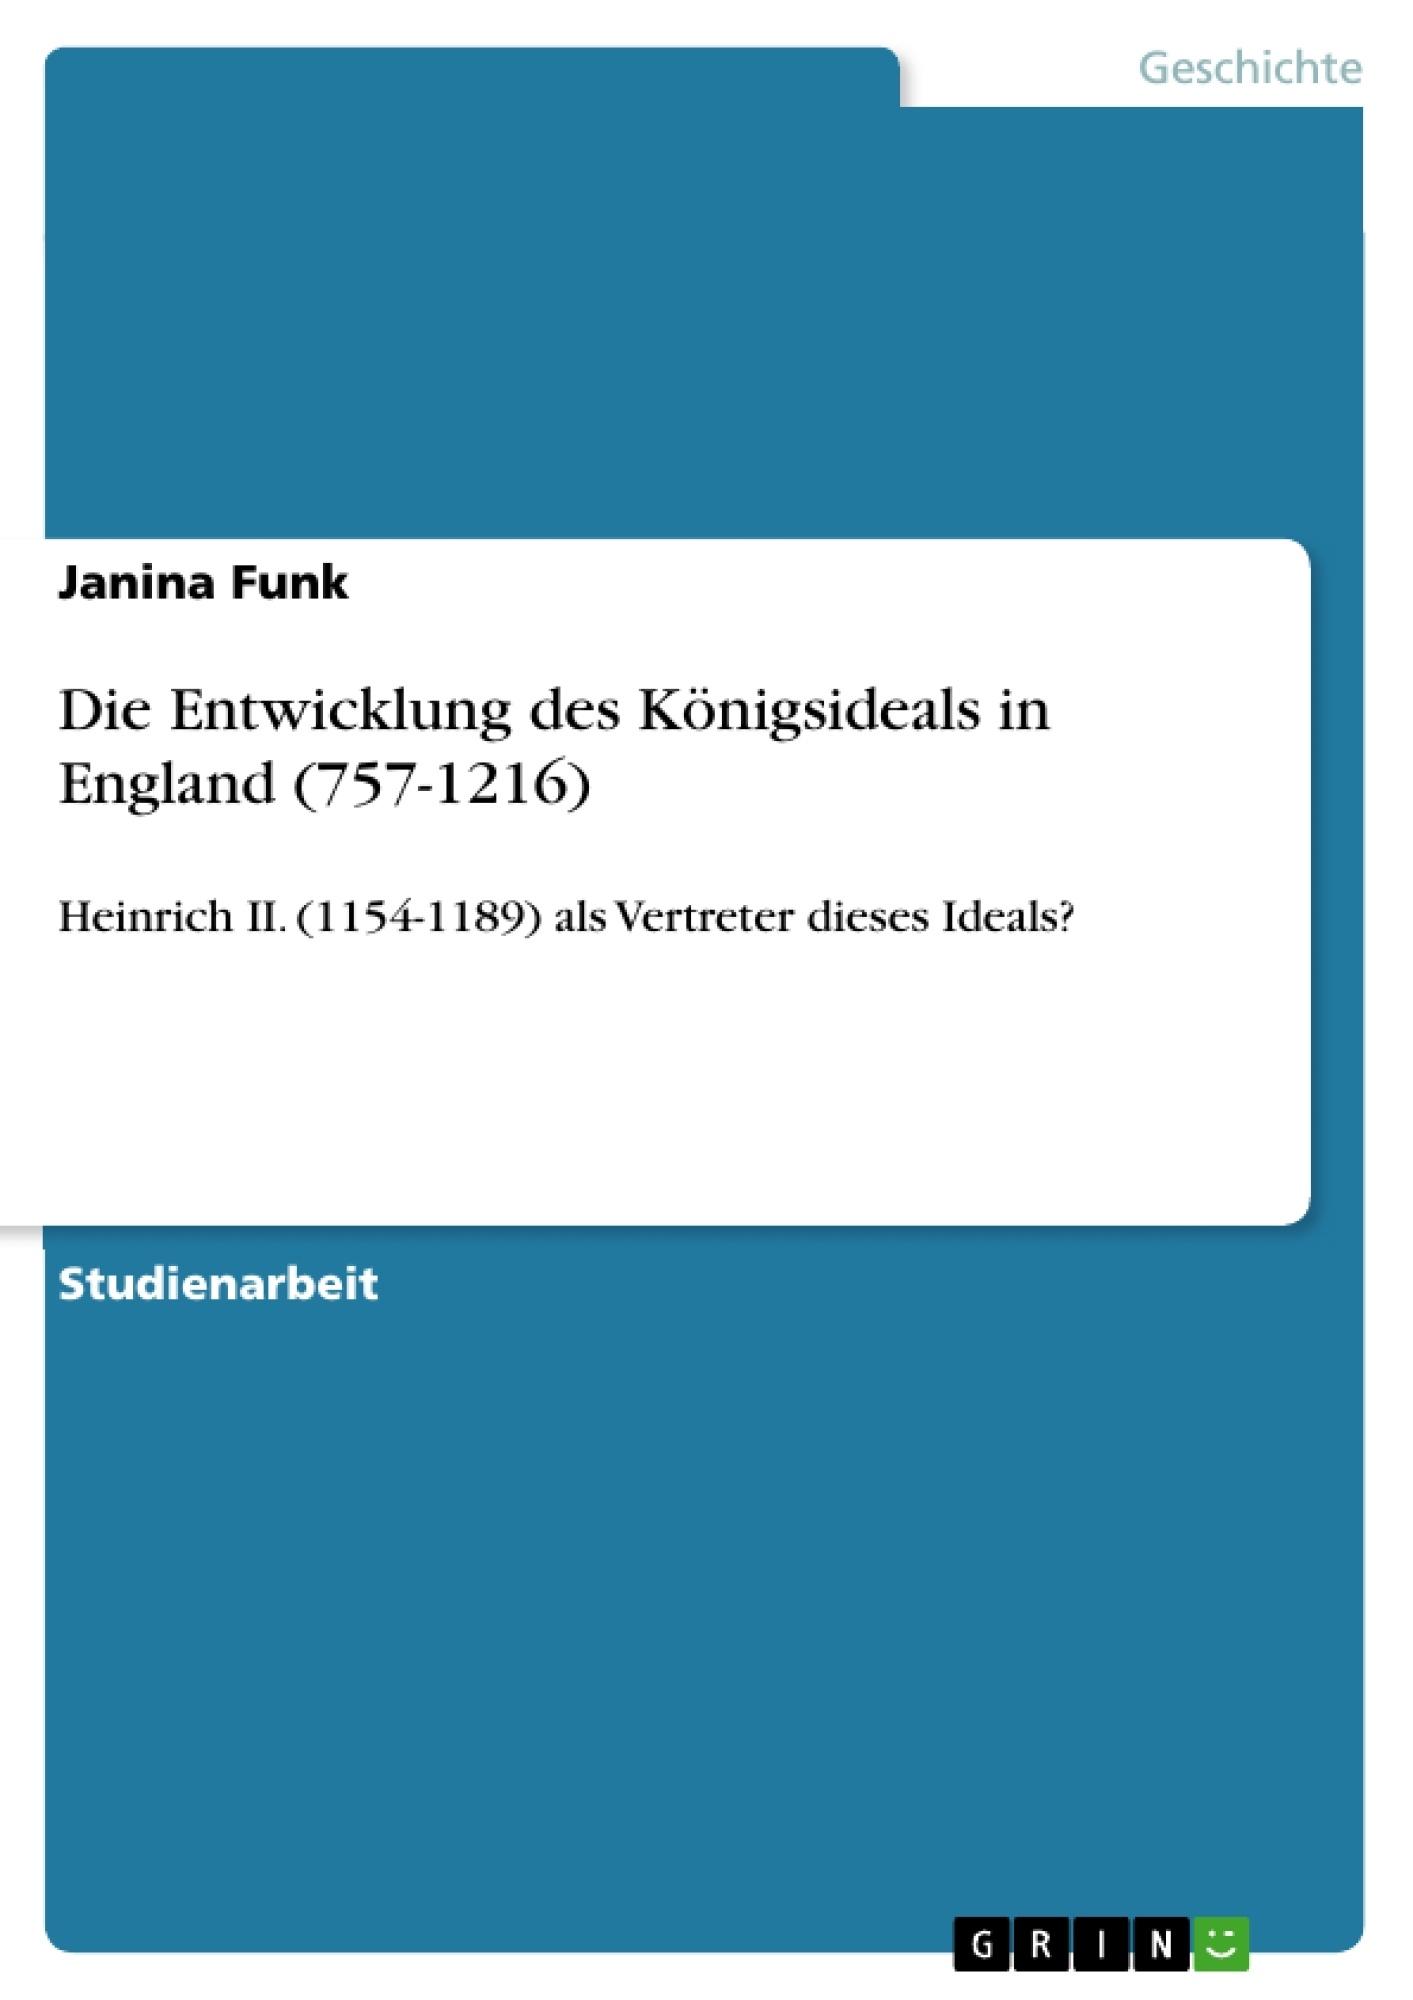 Titel: Die  Entwicklung des Königsideals in England (757-1216)